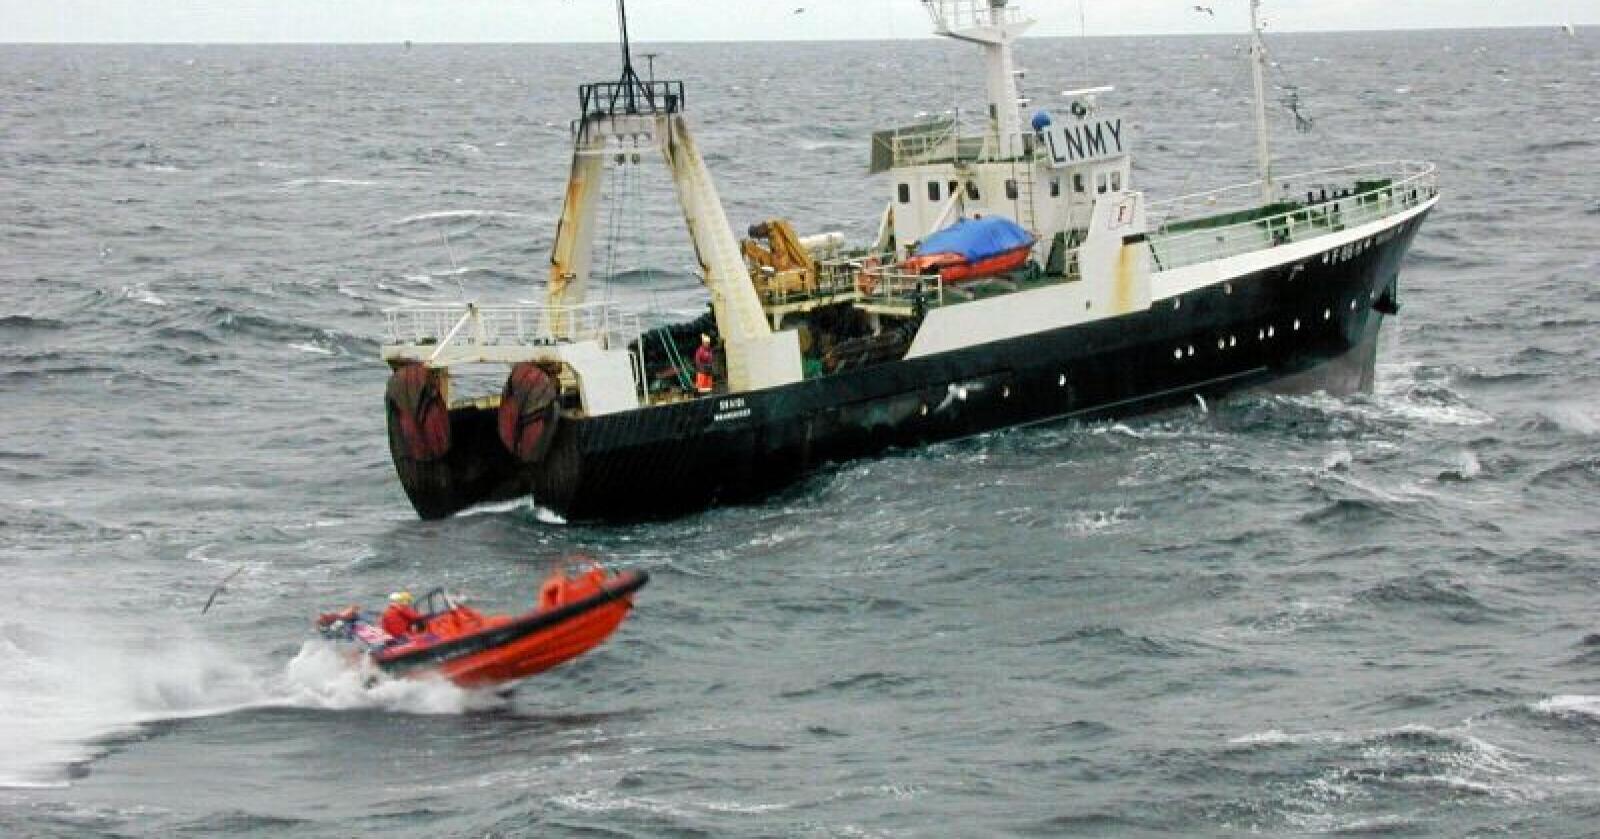 Regjeringen vil gjøre det mulig for sjarkeiere å kjøpe opp flere kvoter, ifølge Klassekampen. Bildet viser kystvakten som er på vei til å inspisere en tråler i Barentshavet. Foto: Jan-Morten Bjørnbakk, SCANPIX